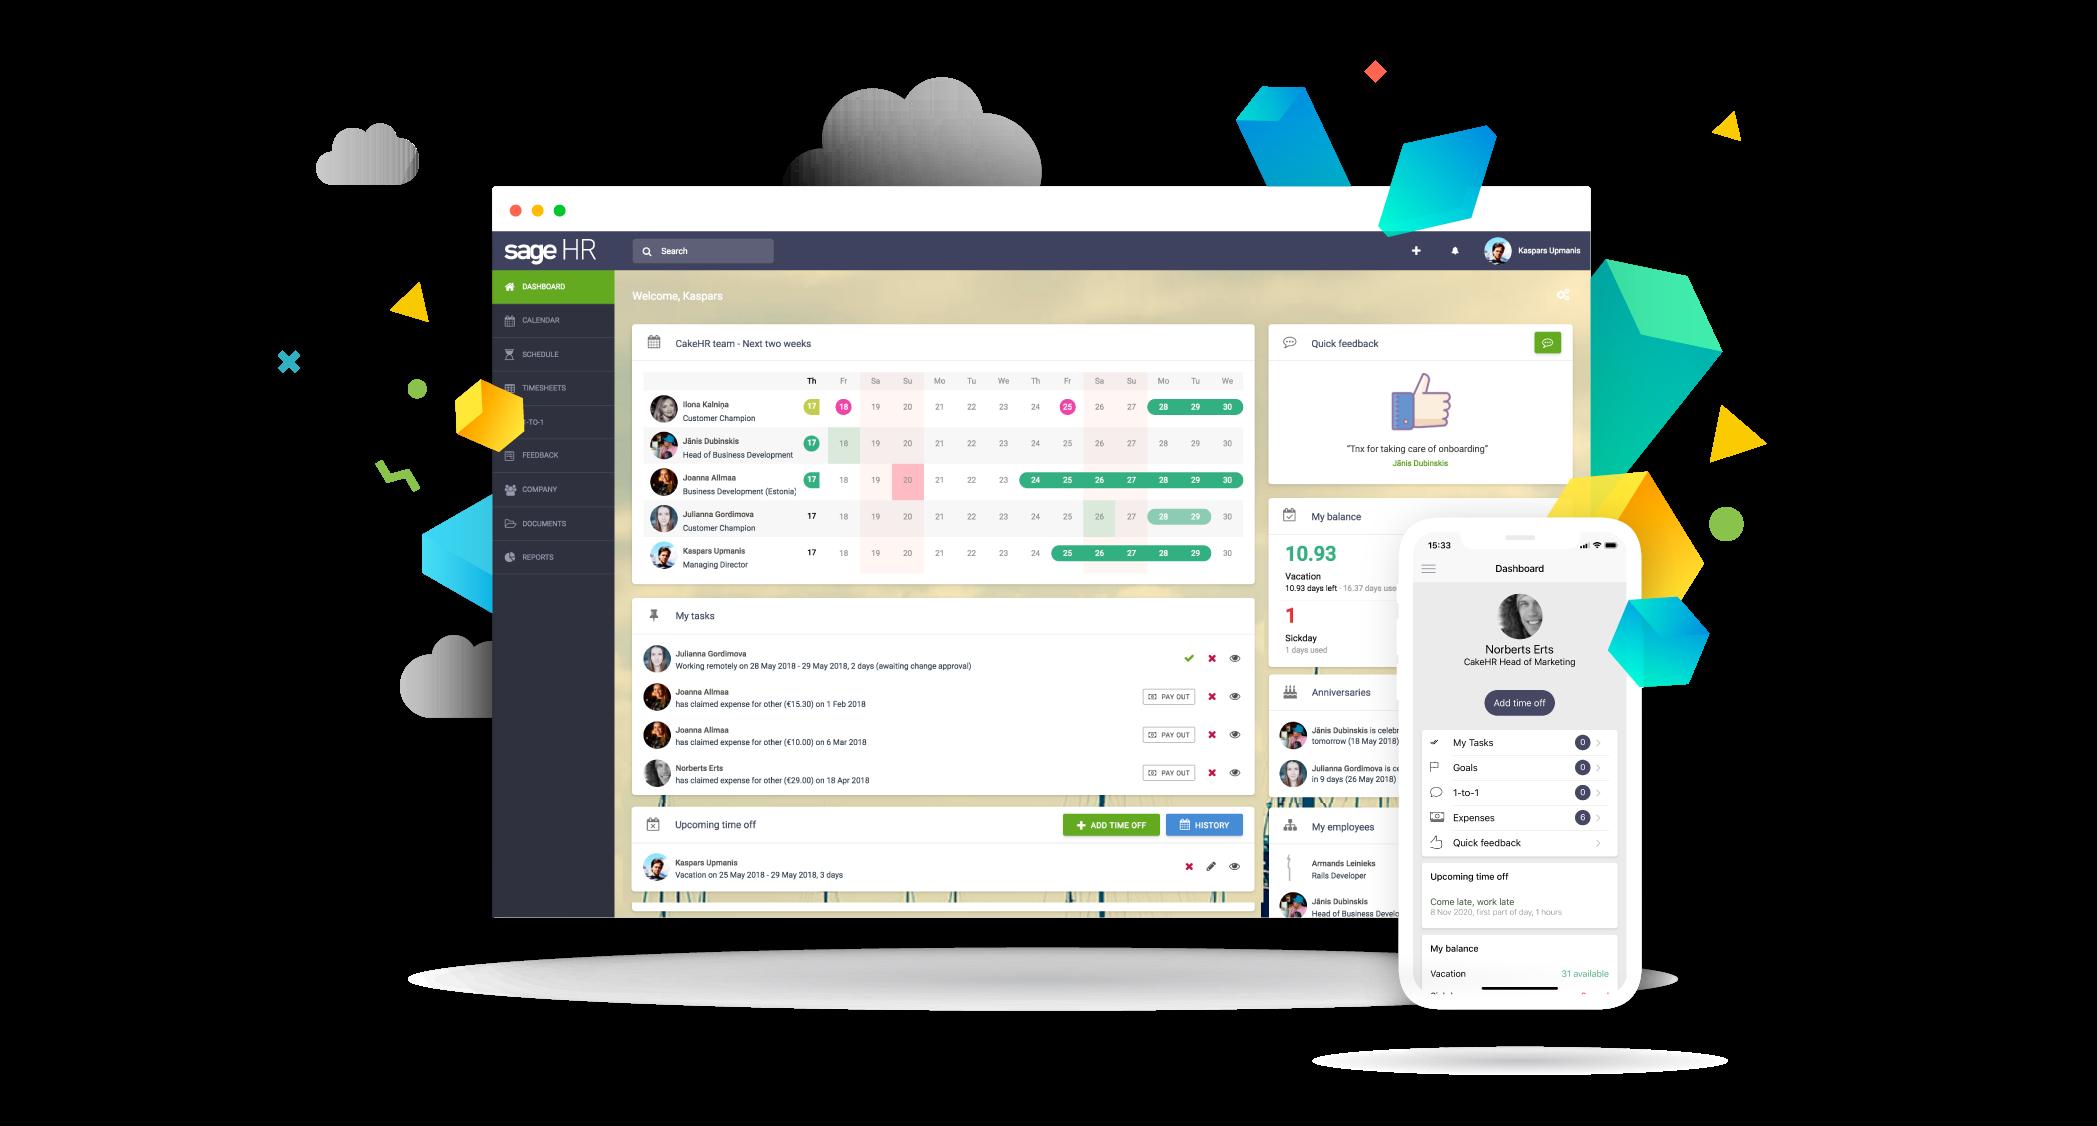 HR dashboard - Sage HR